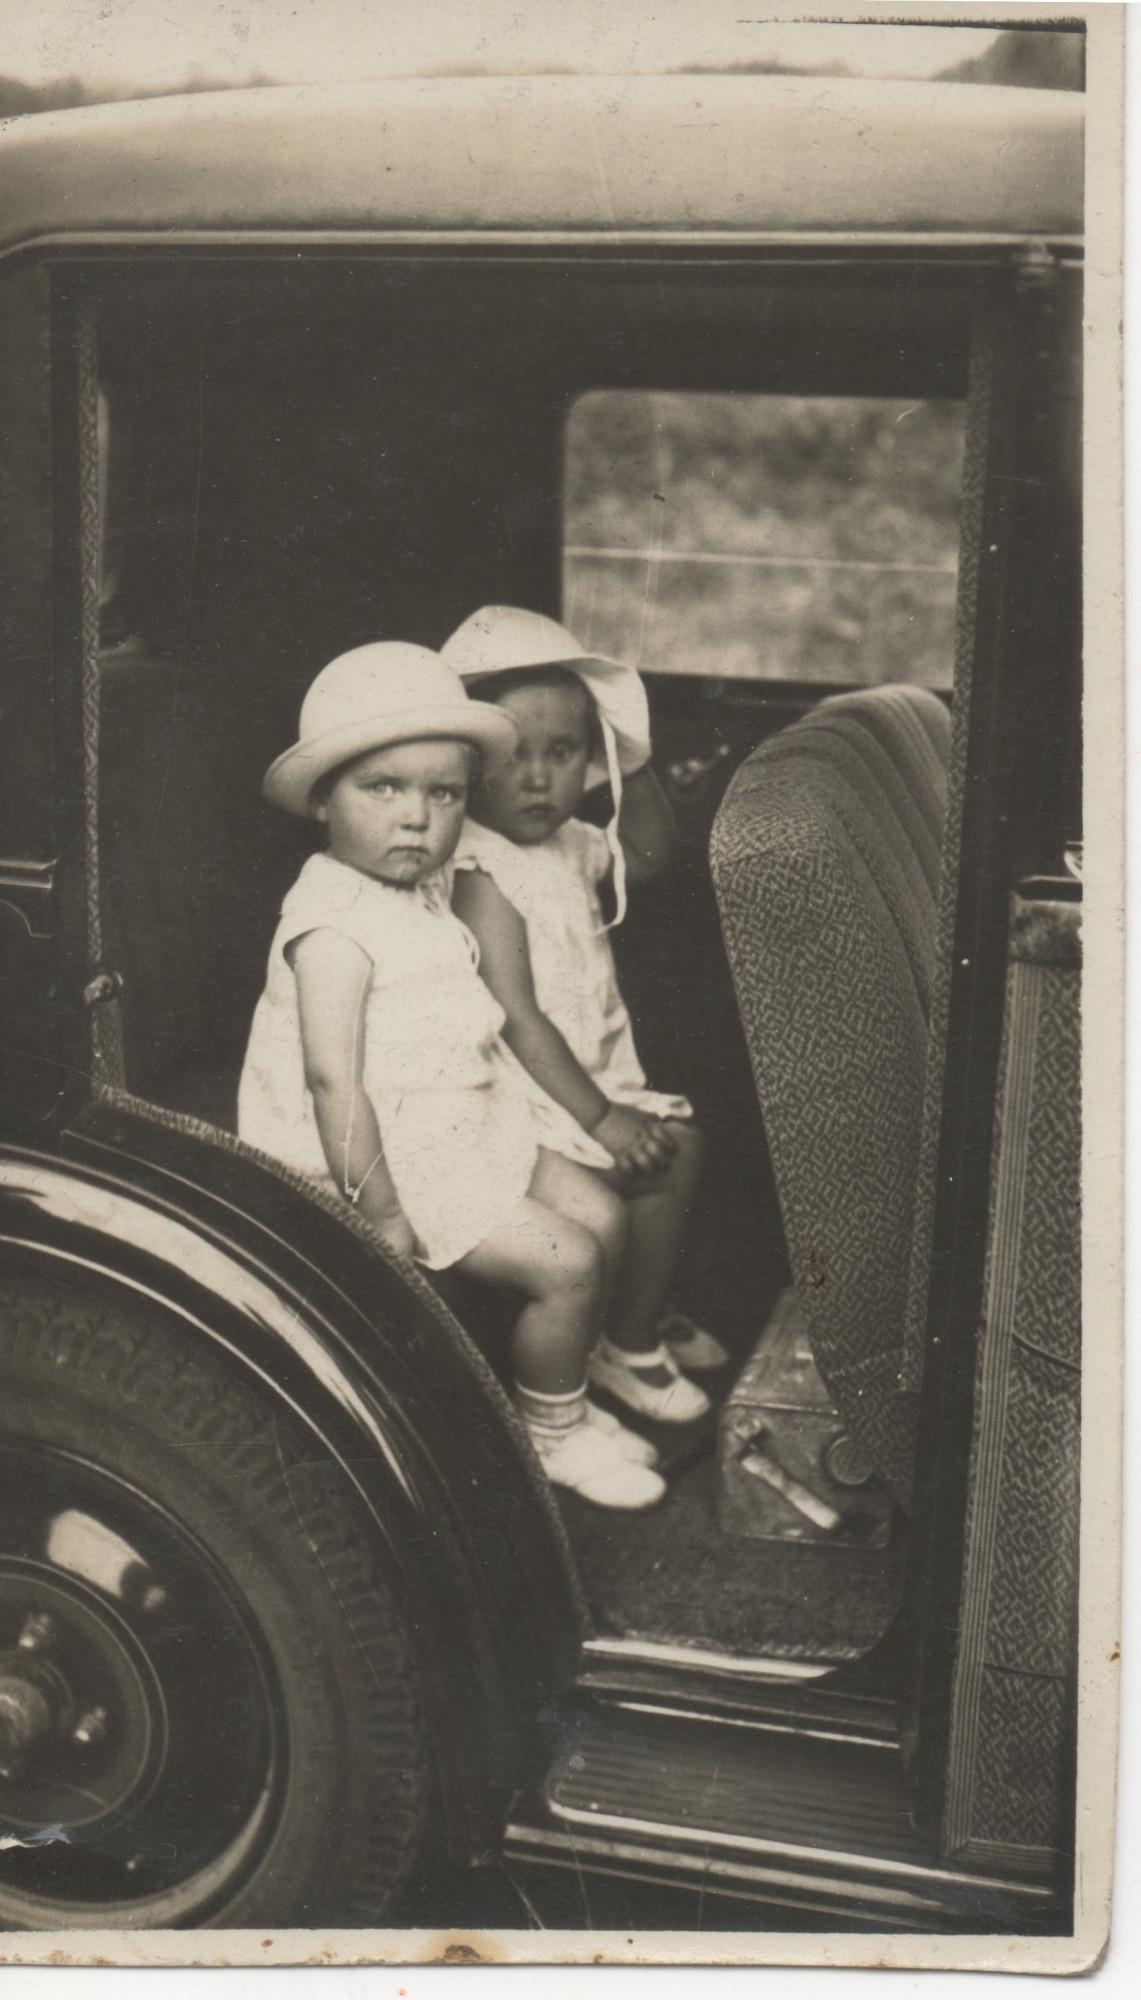 Anna avec une autre enfant 10 juilet 1932